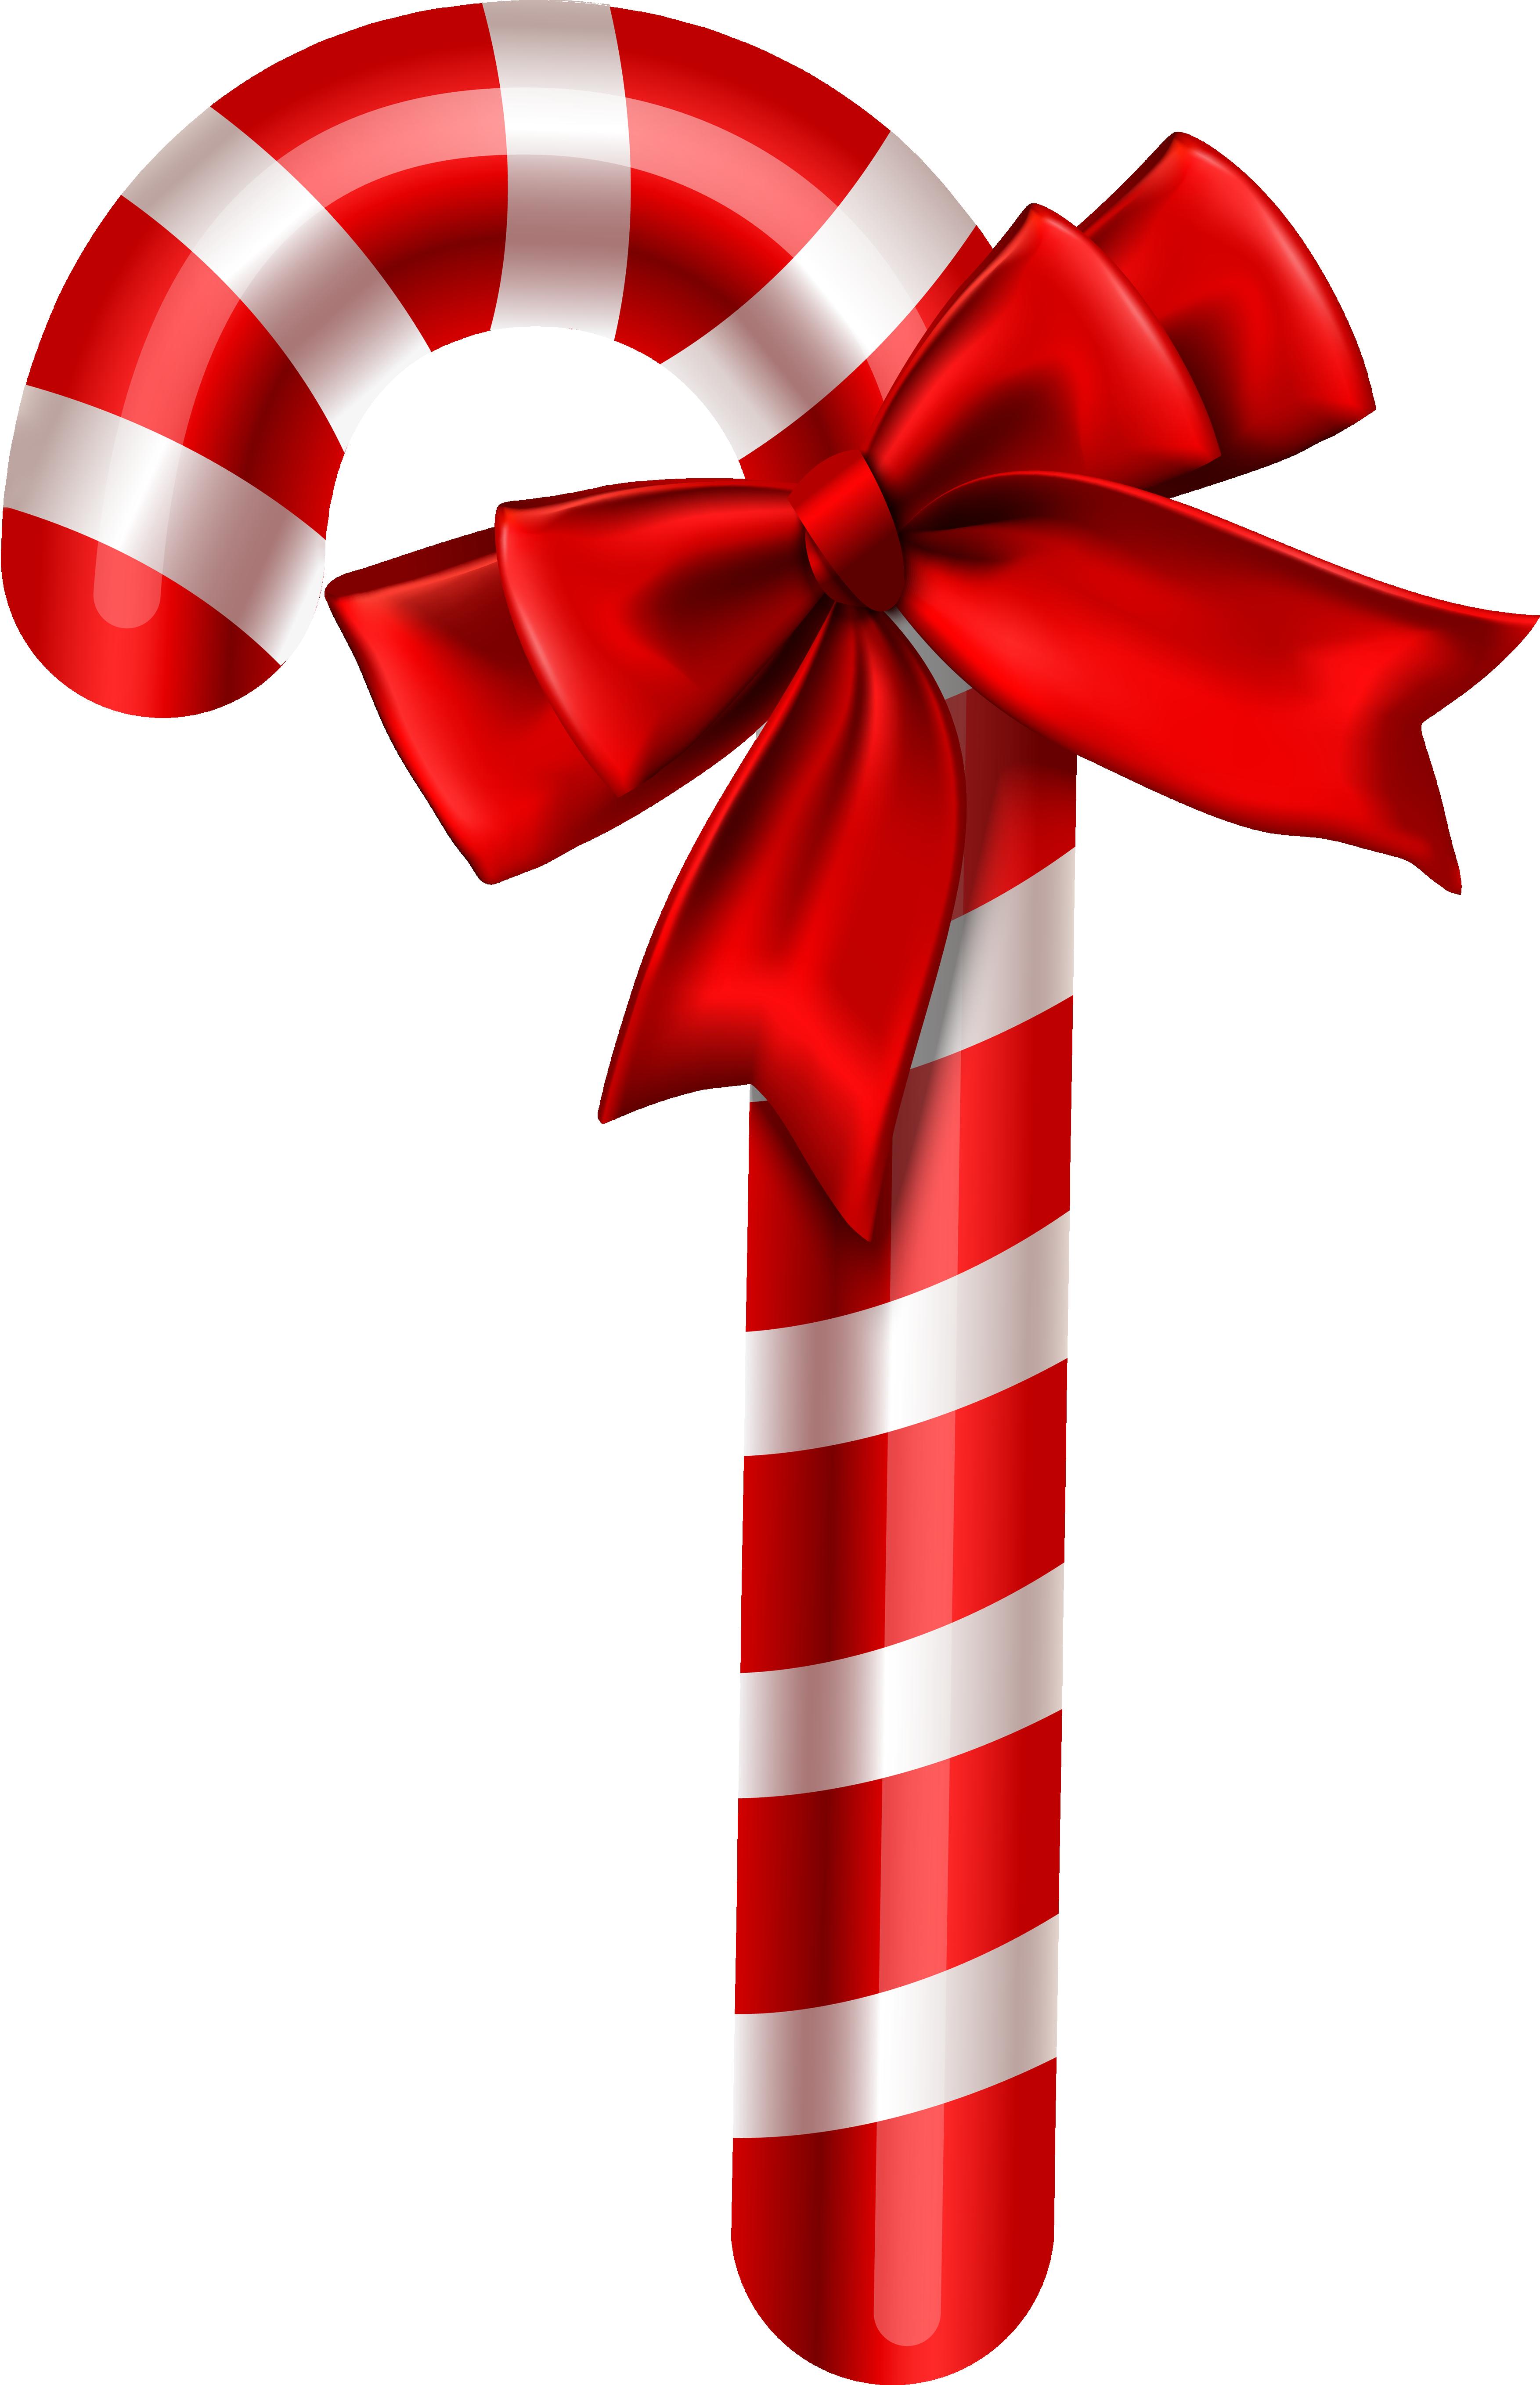 Christmas Candy Christmas Candy Cane Christmas Candy Candy Cane Image